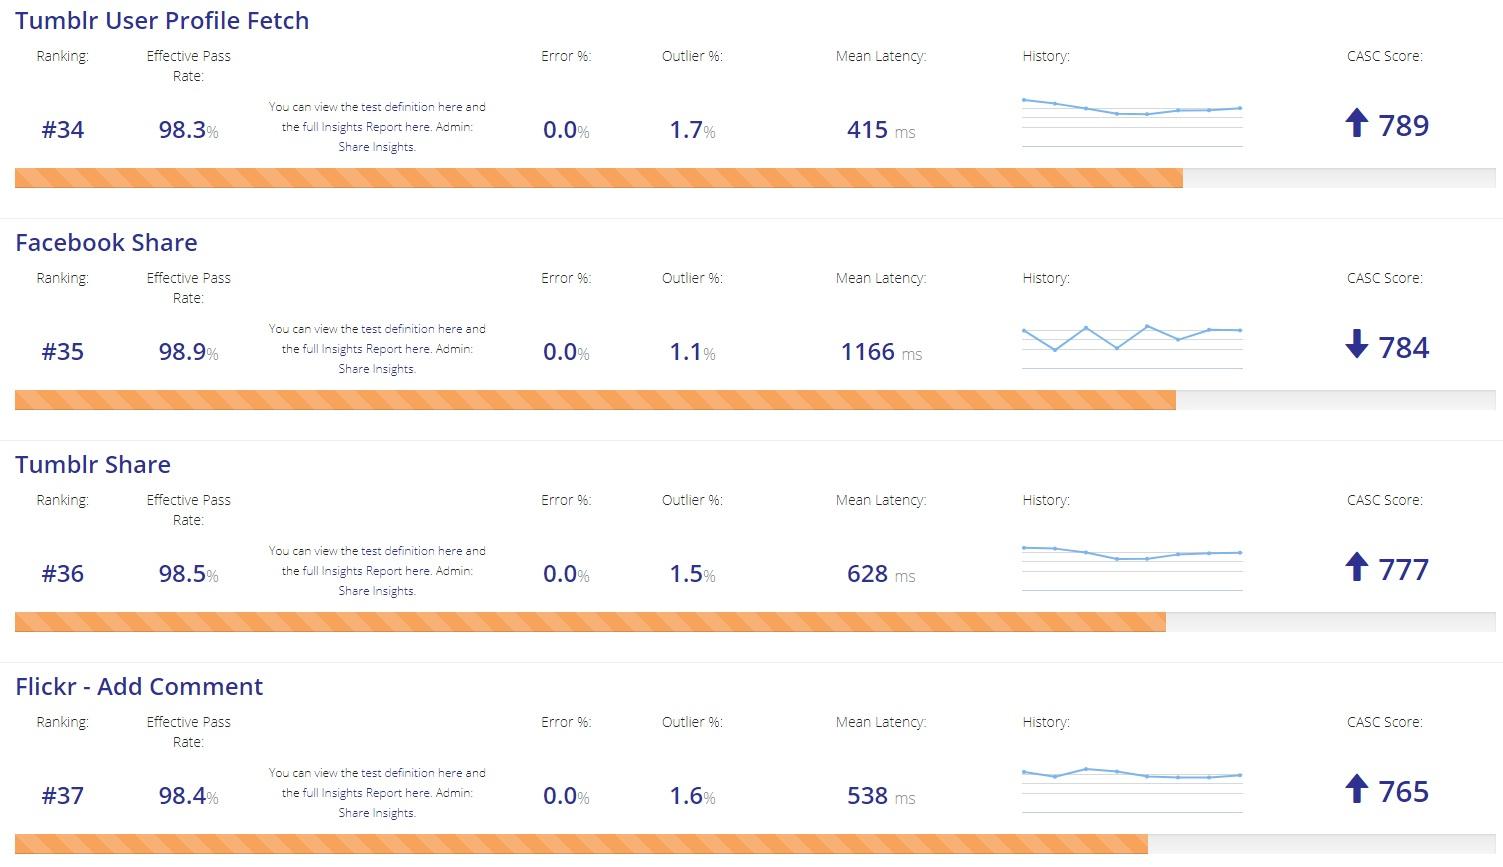 APImetrics CASC Score Ranks